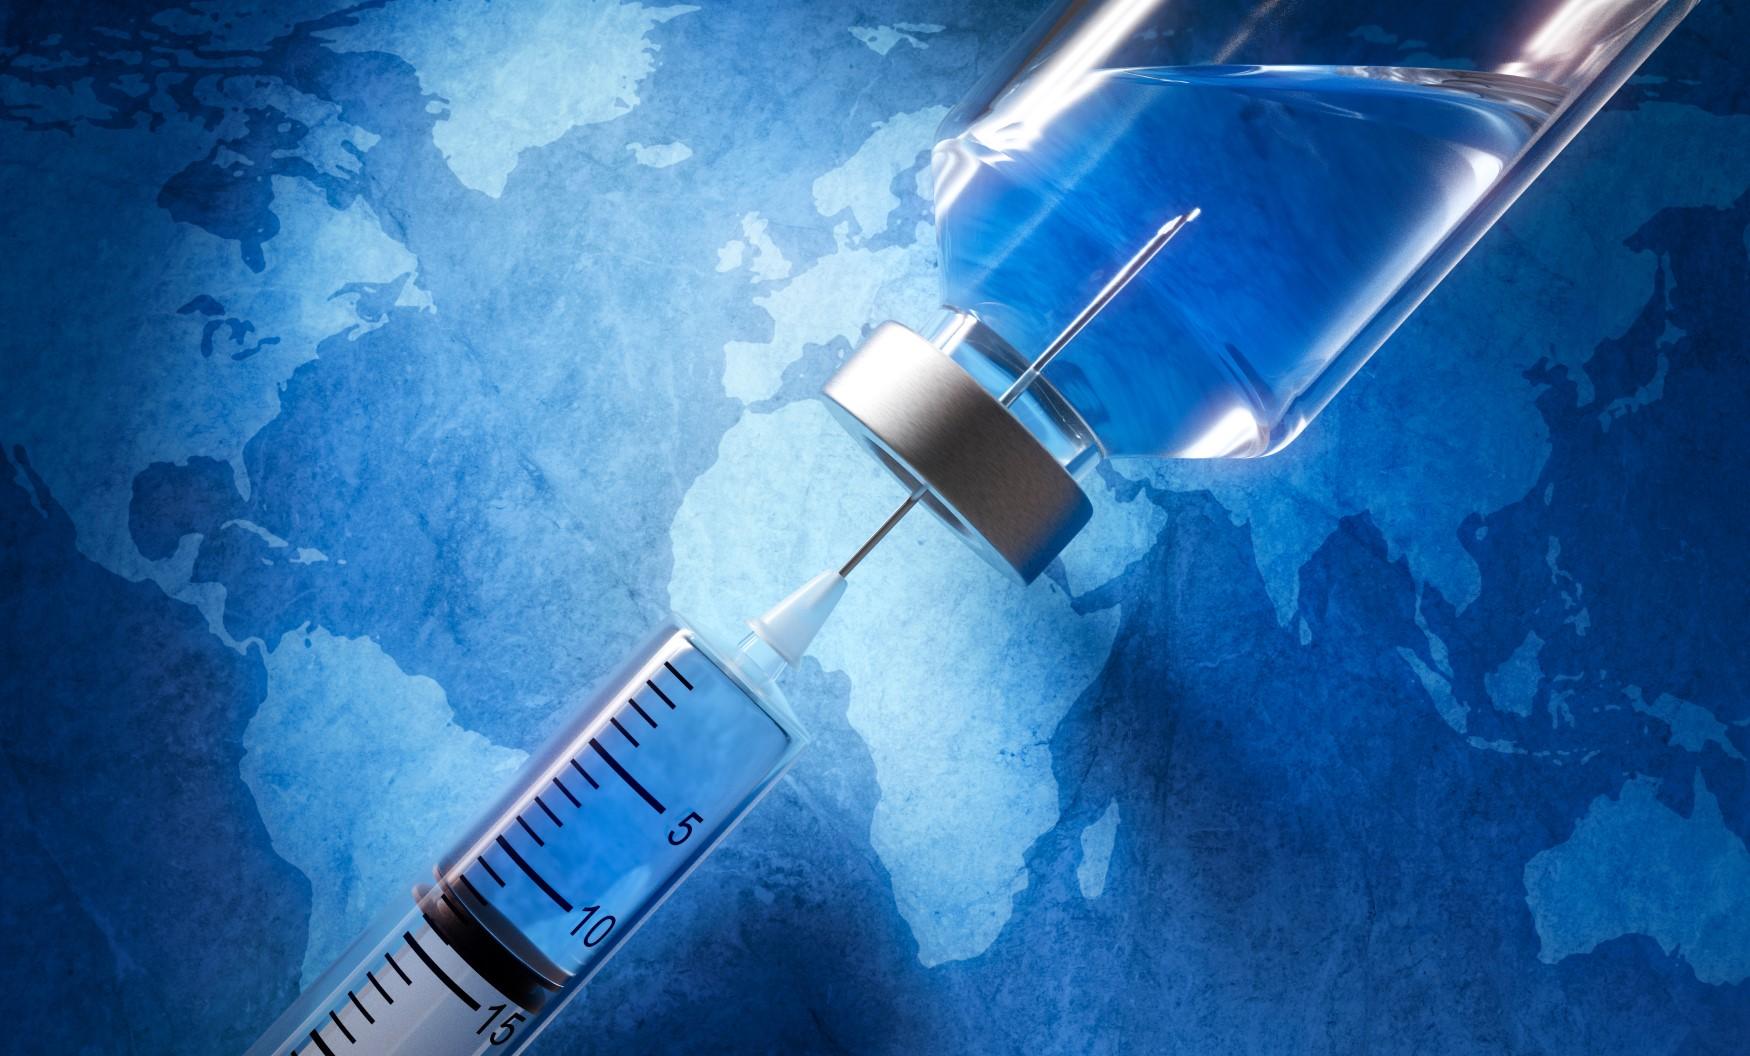 Vaccine shutterstock 1788223907 small